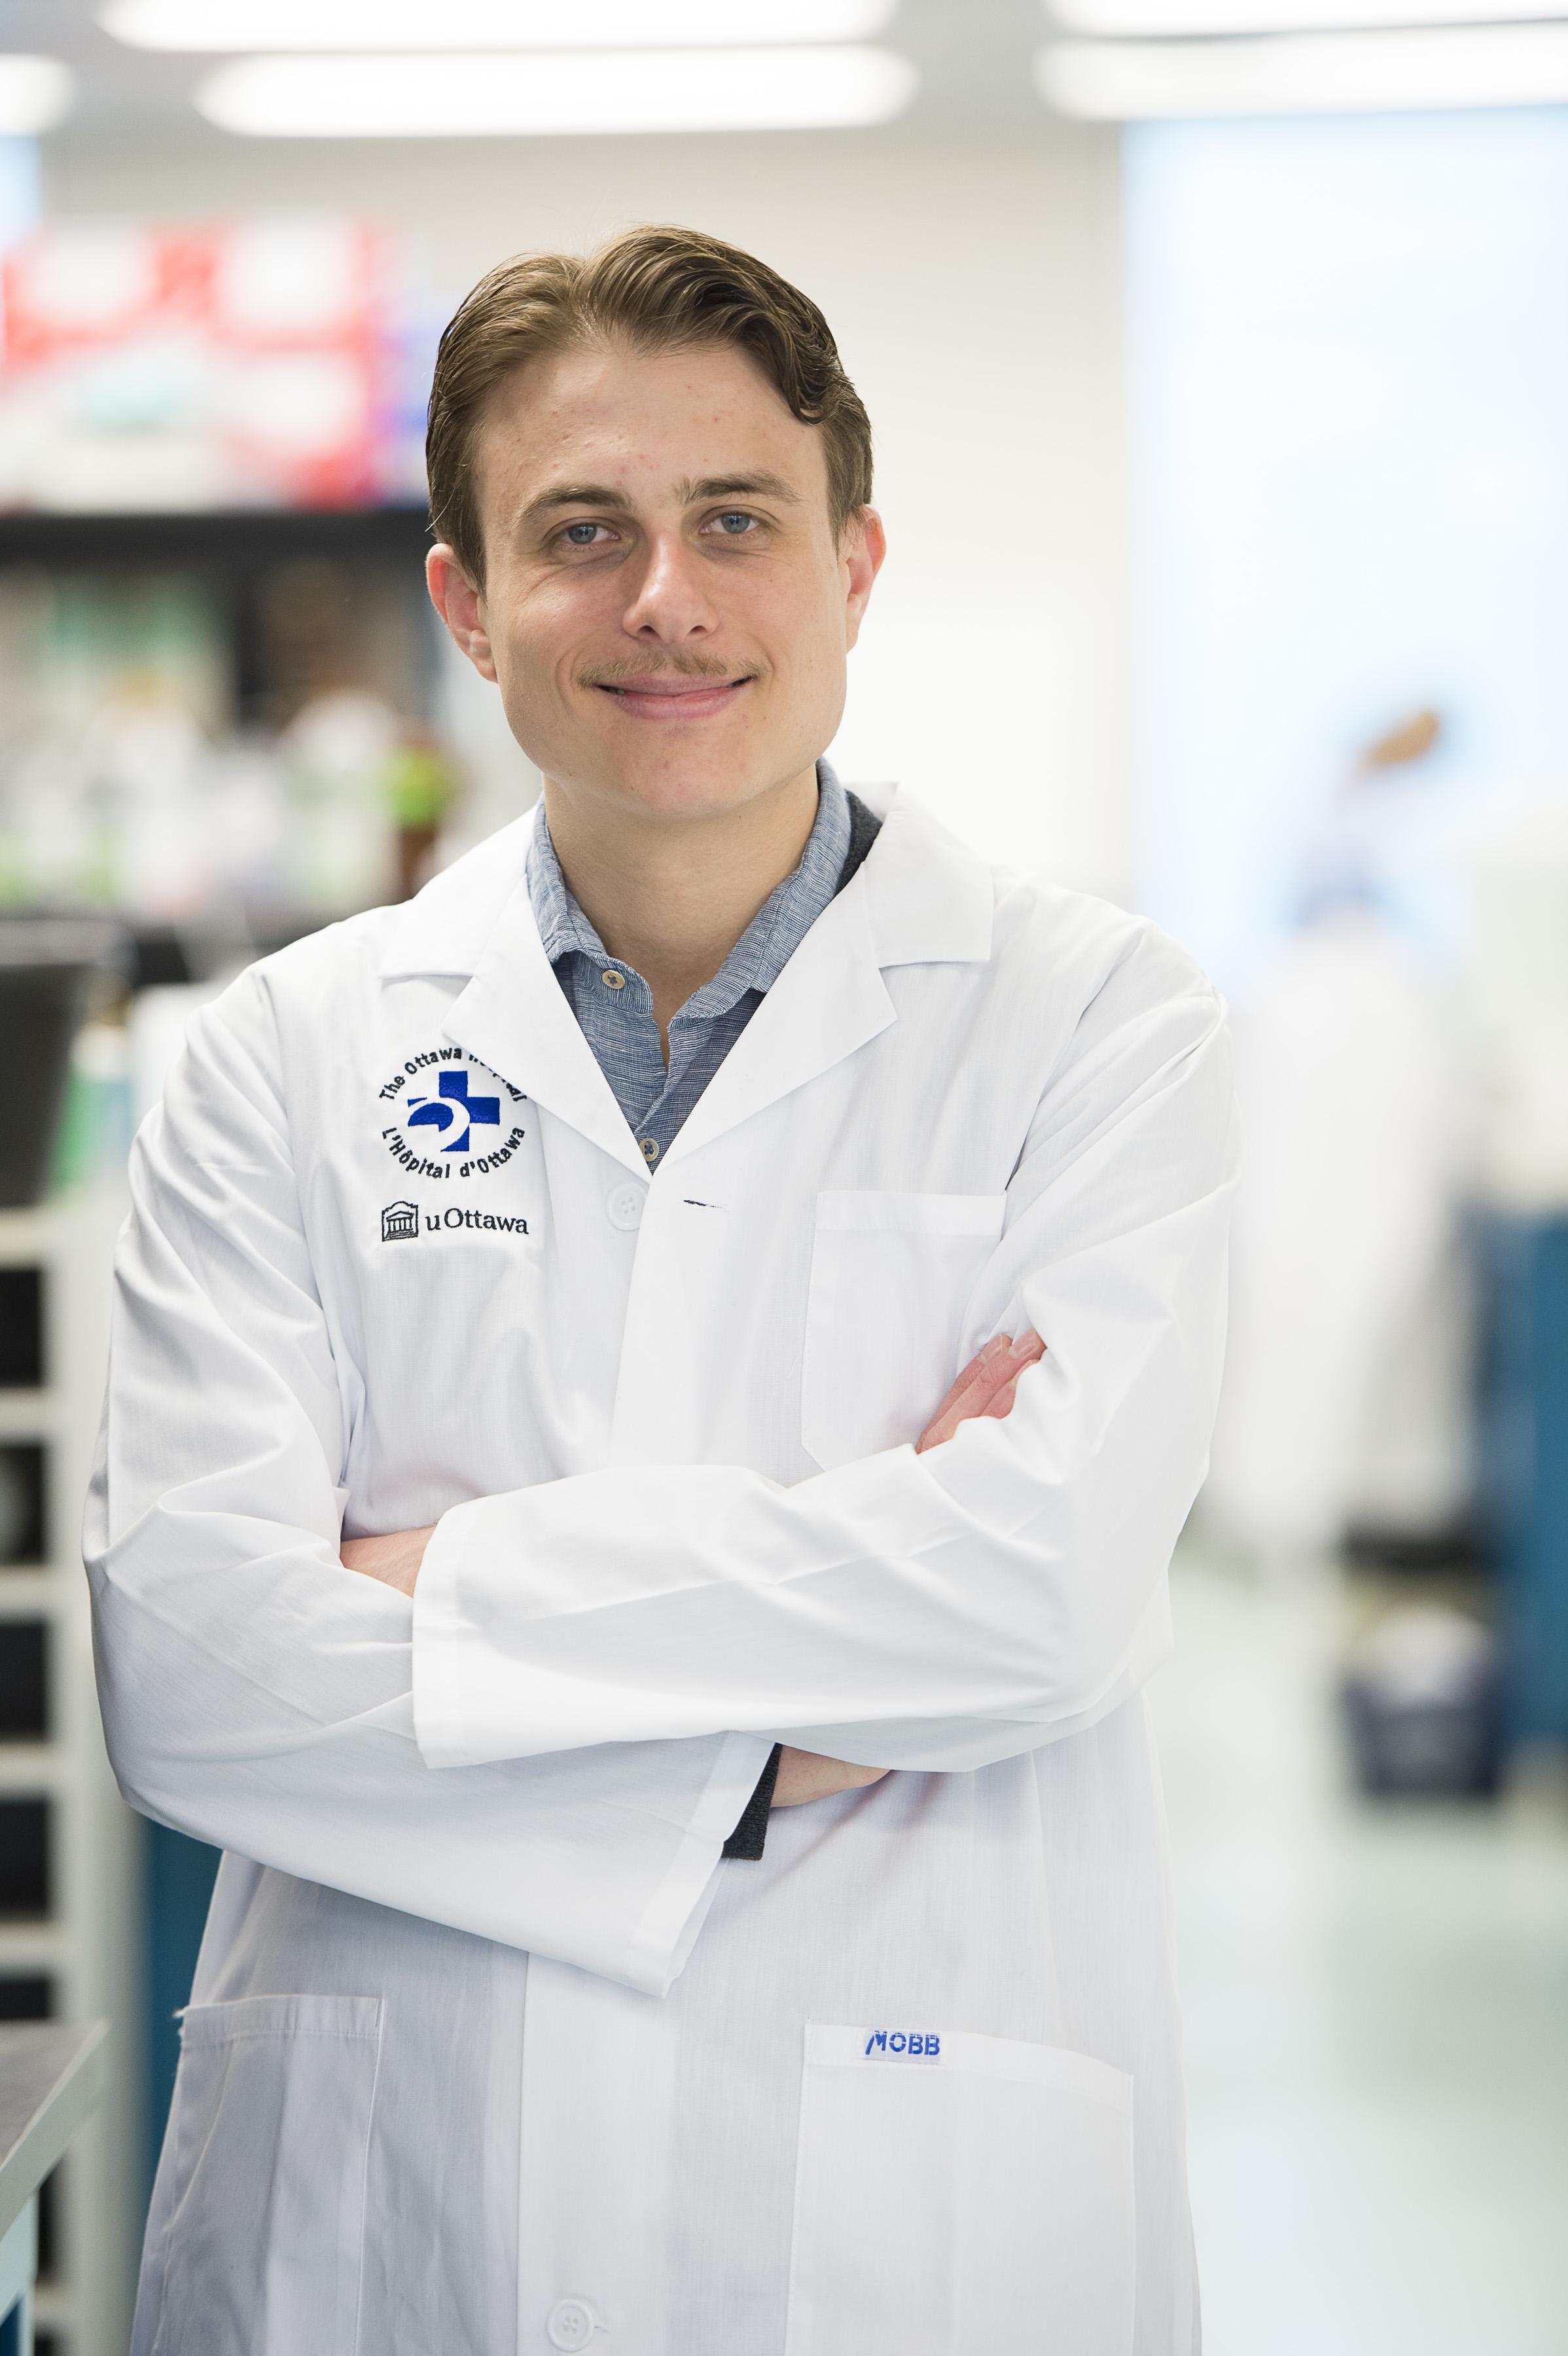 Dr. Michele Ardolino uOttawa